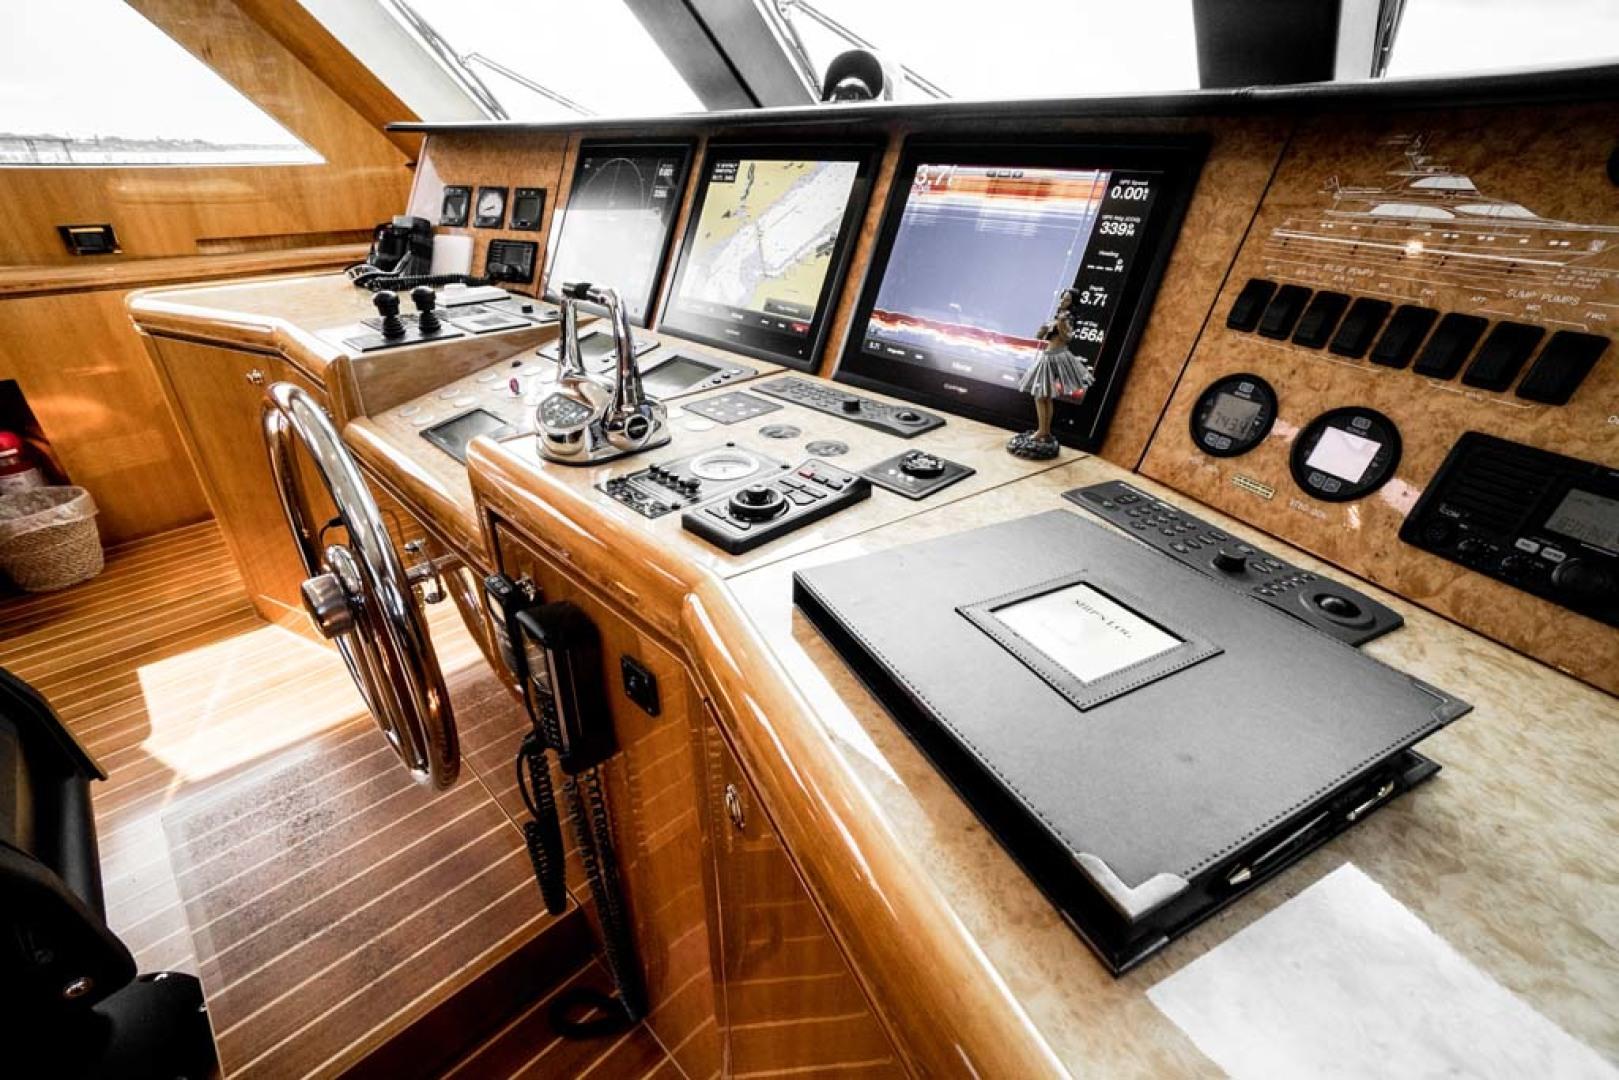 Horizon-Cockpit-Motor-Yacht-2008-Liberation-Stuart-Florida-United-States-Pilothouse-Helm-1075339